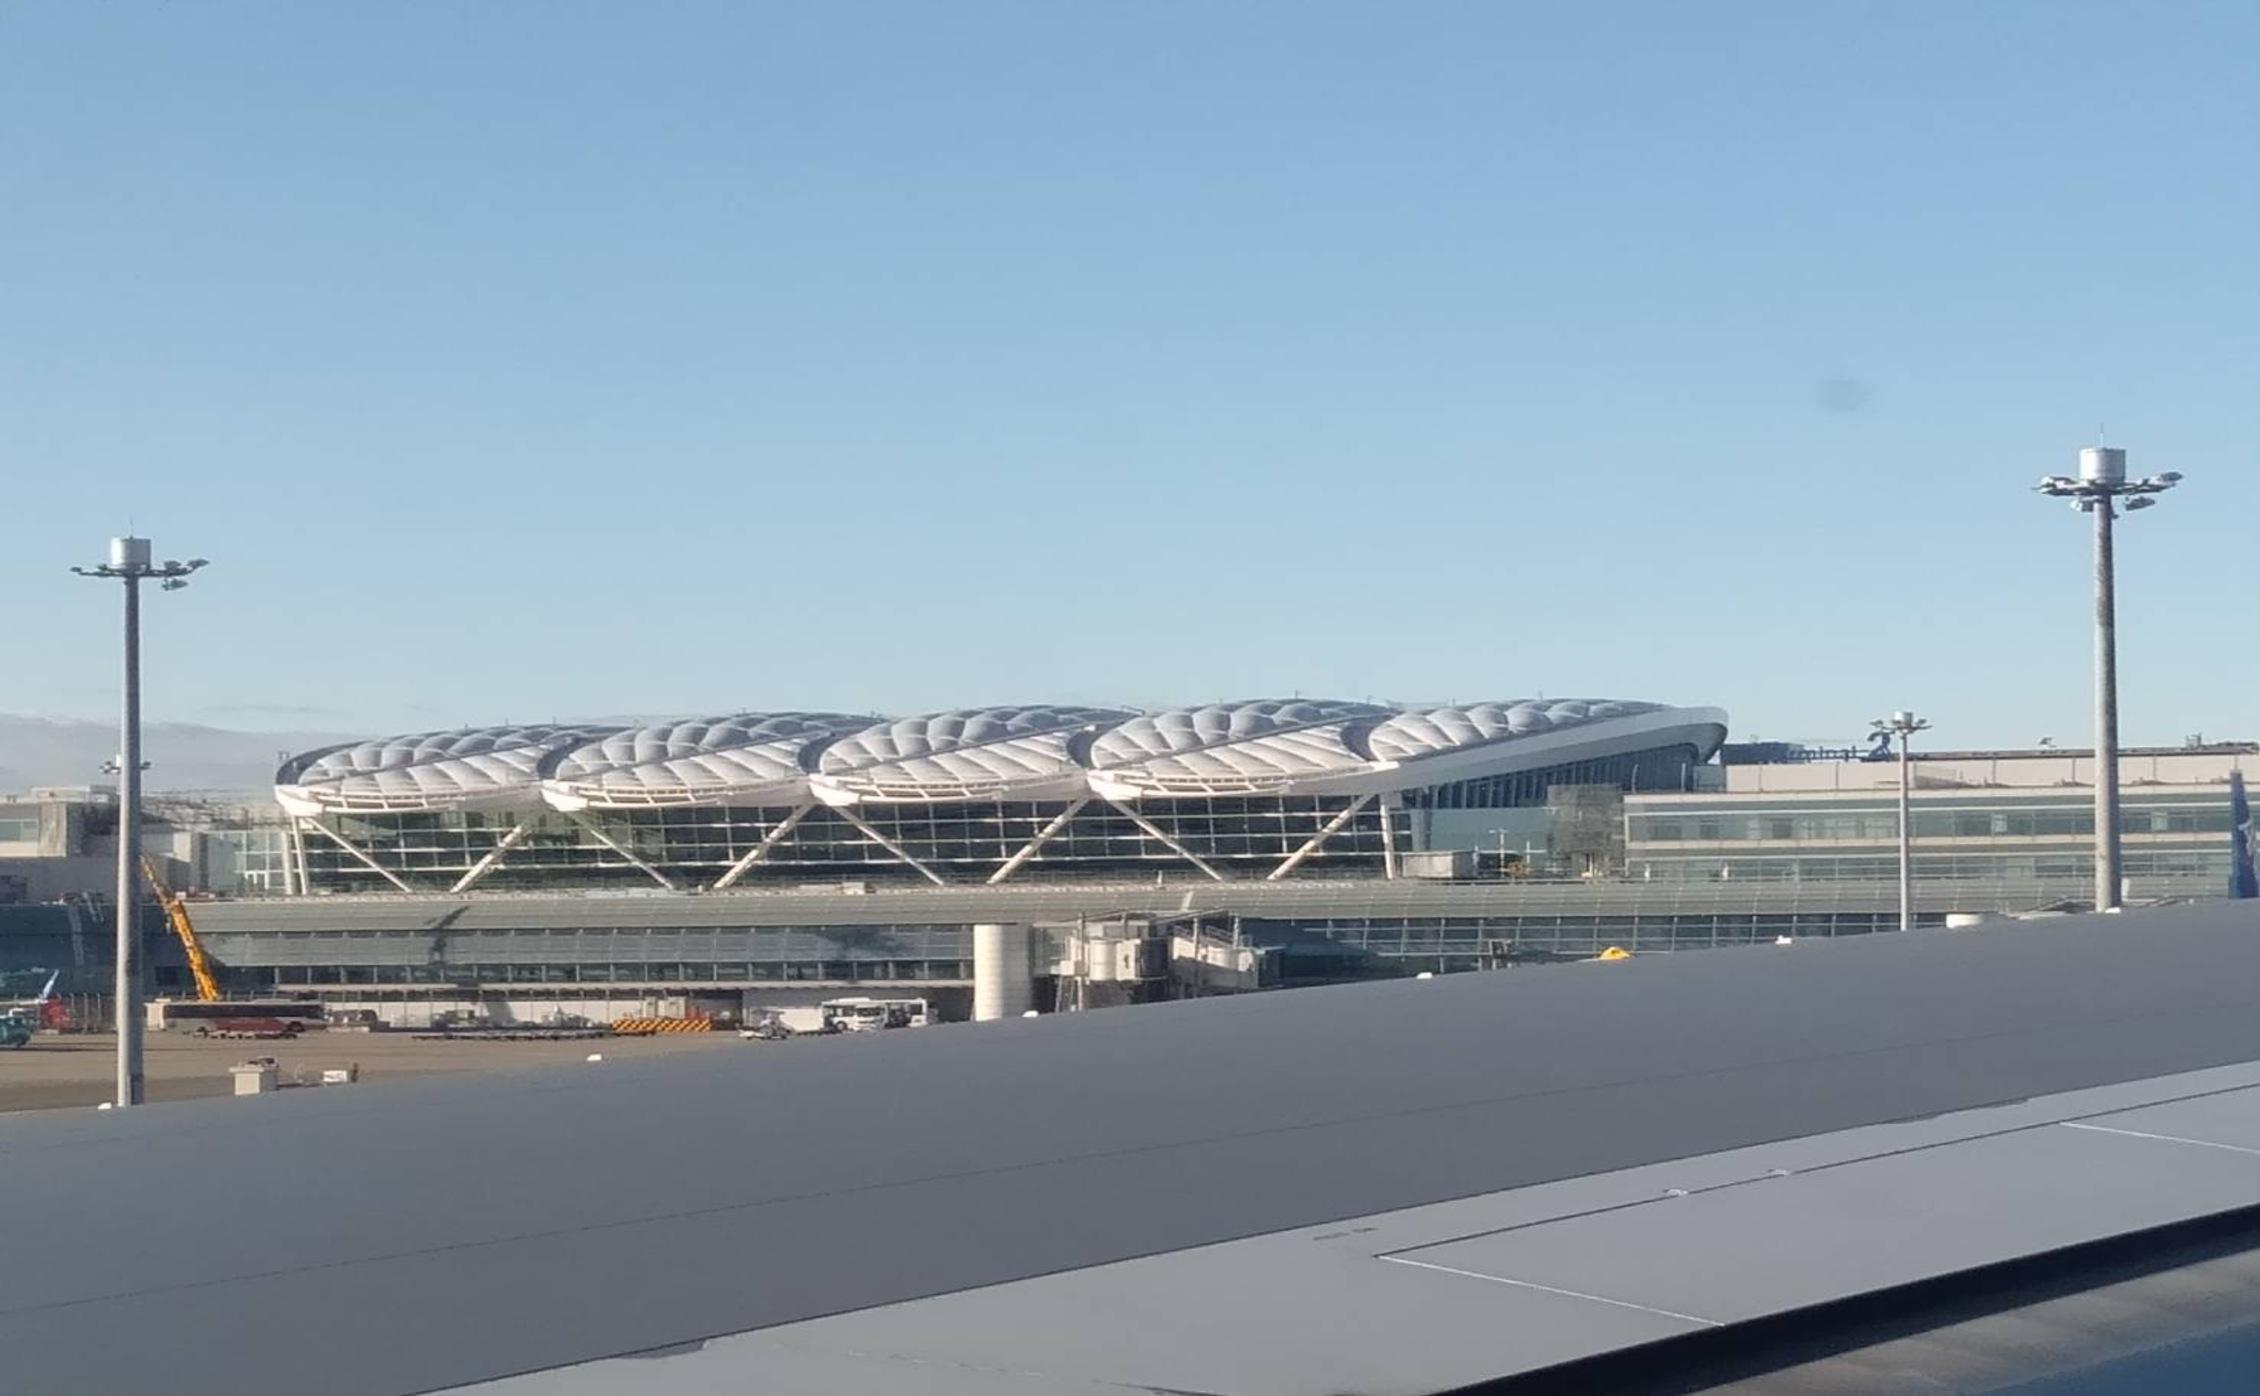 羽田空港第2ターミナルETFE膜工事